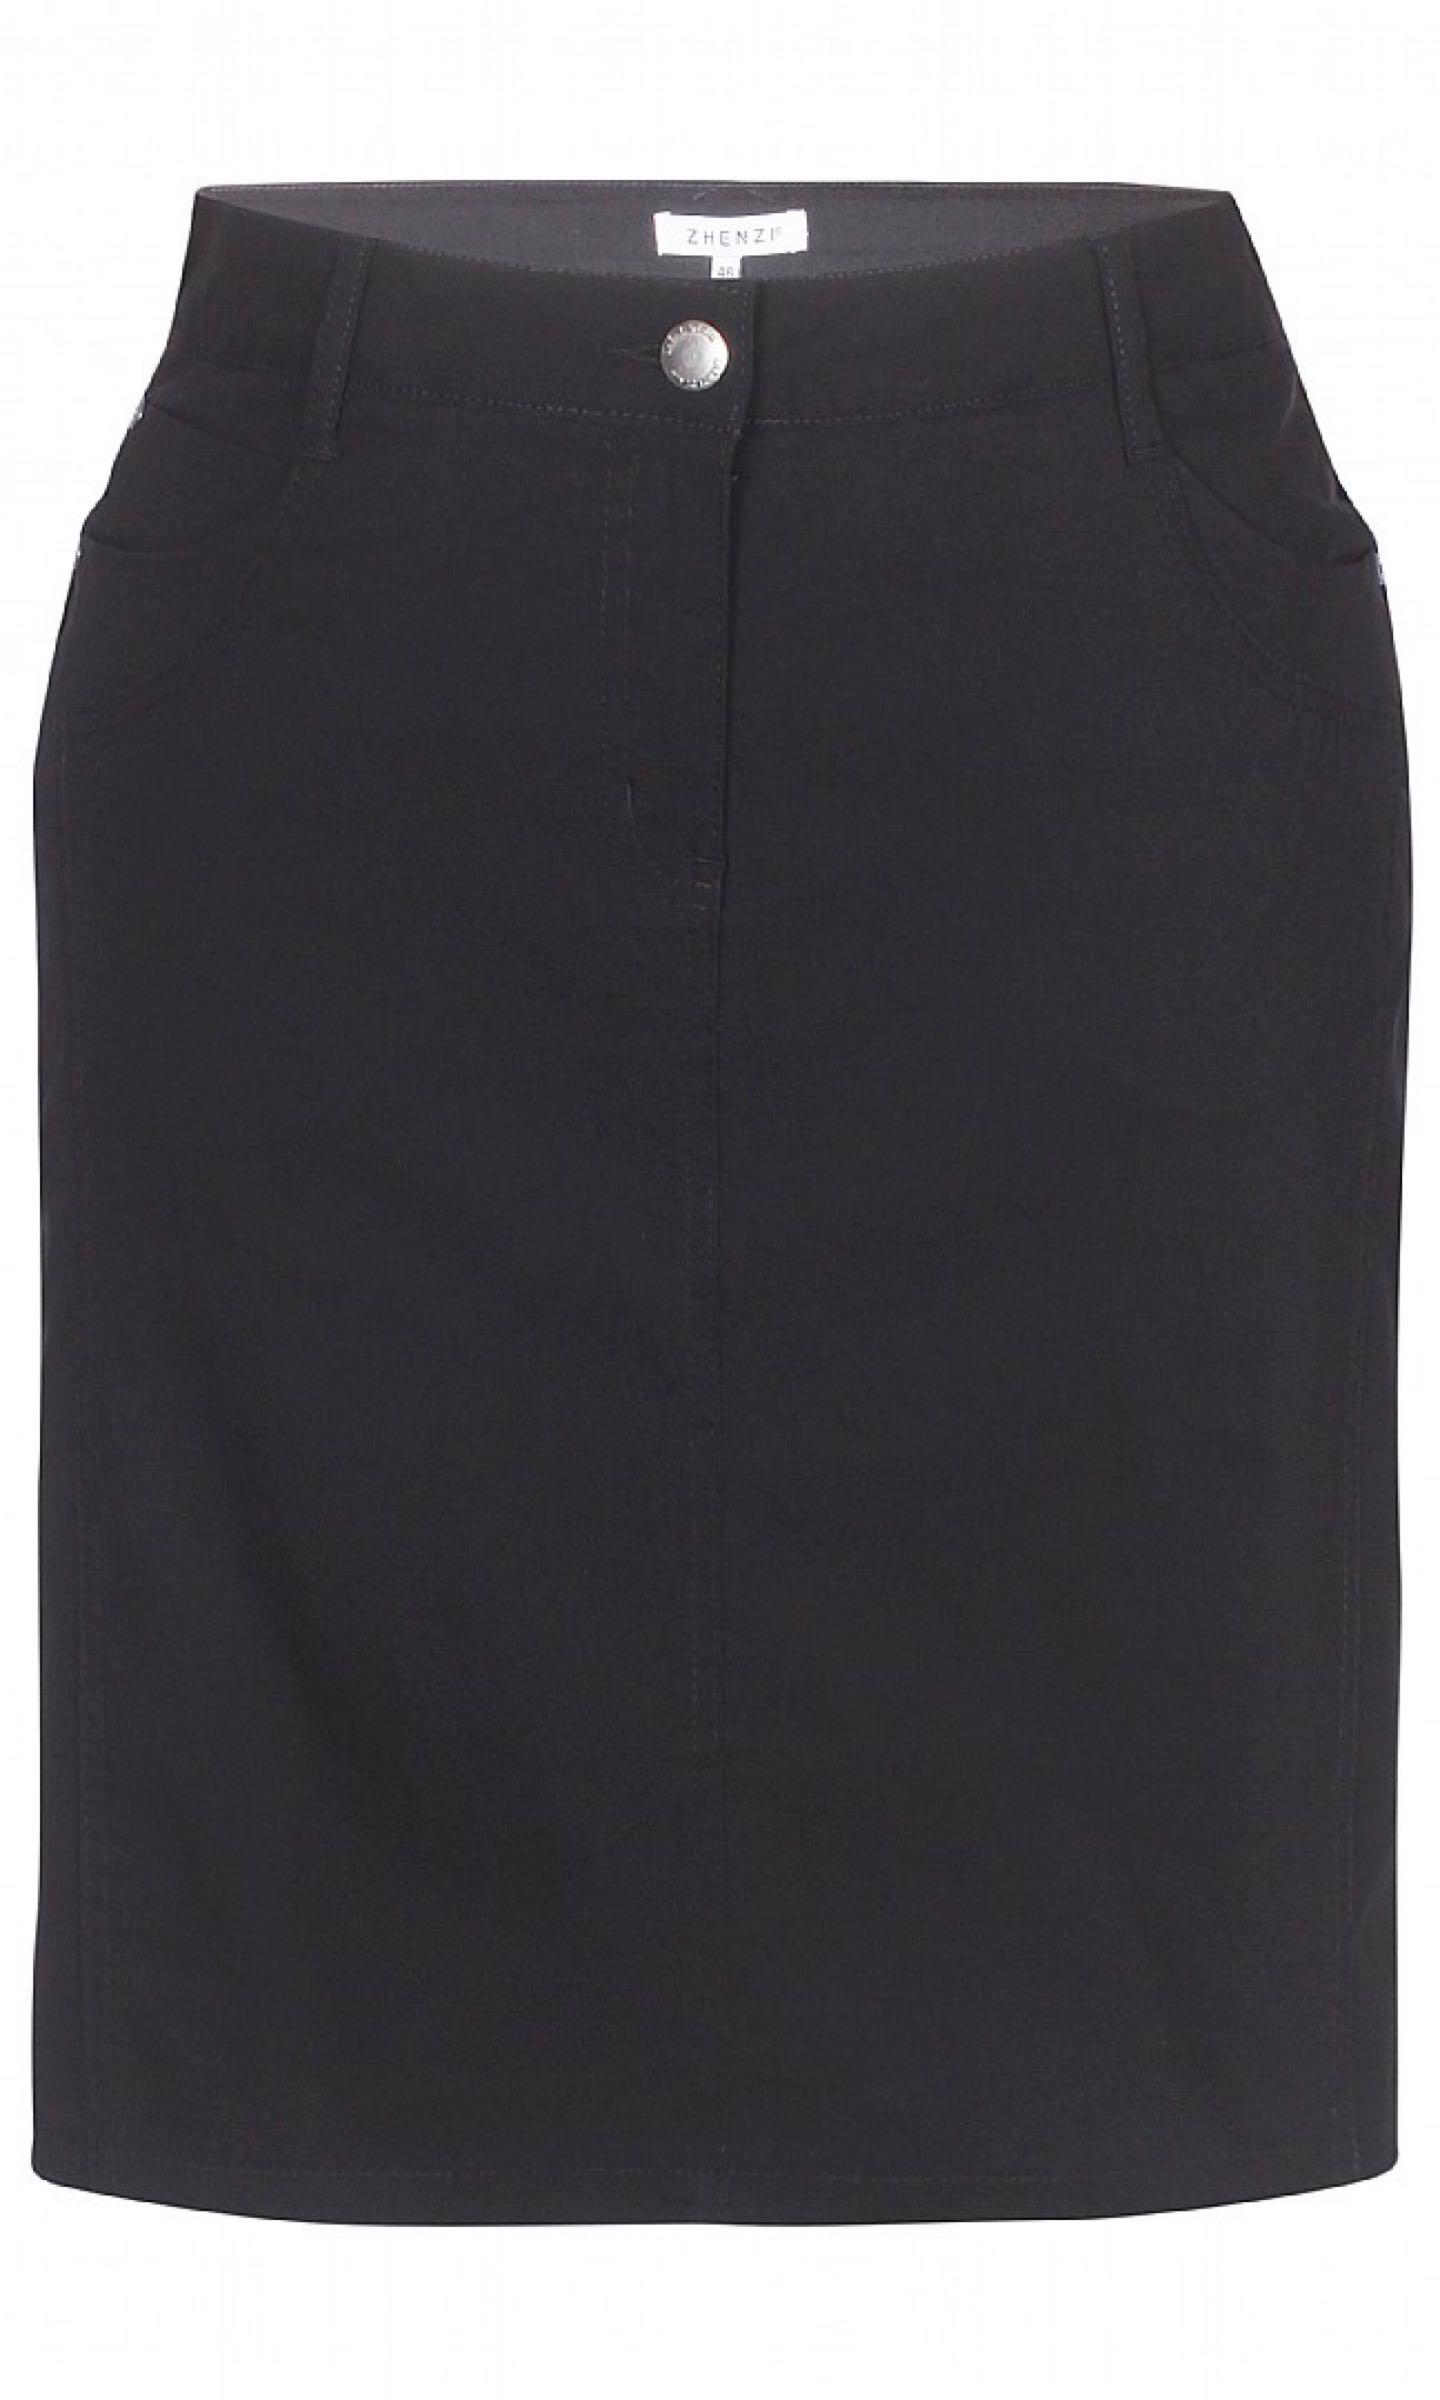 Kjol med innerbyxa, svart